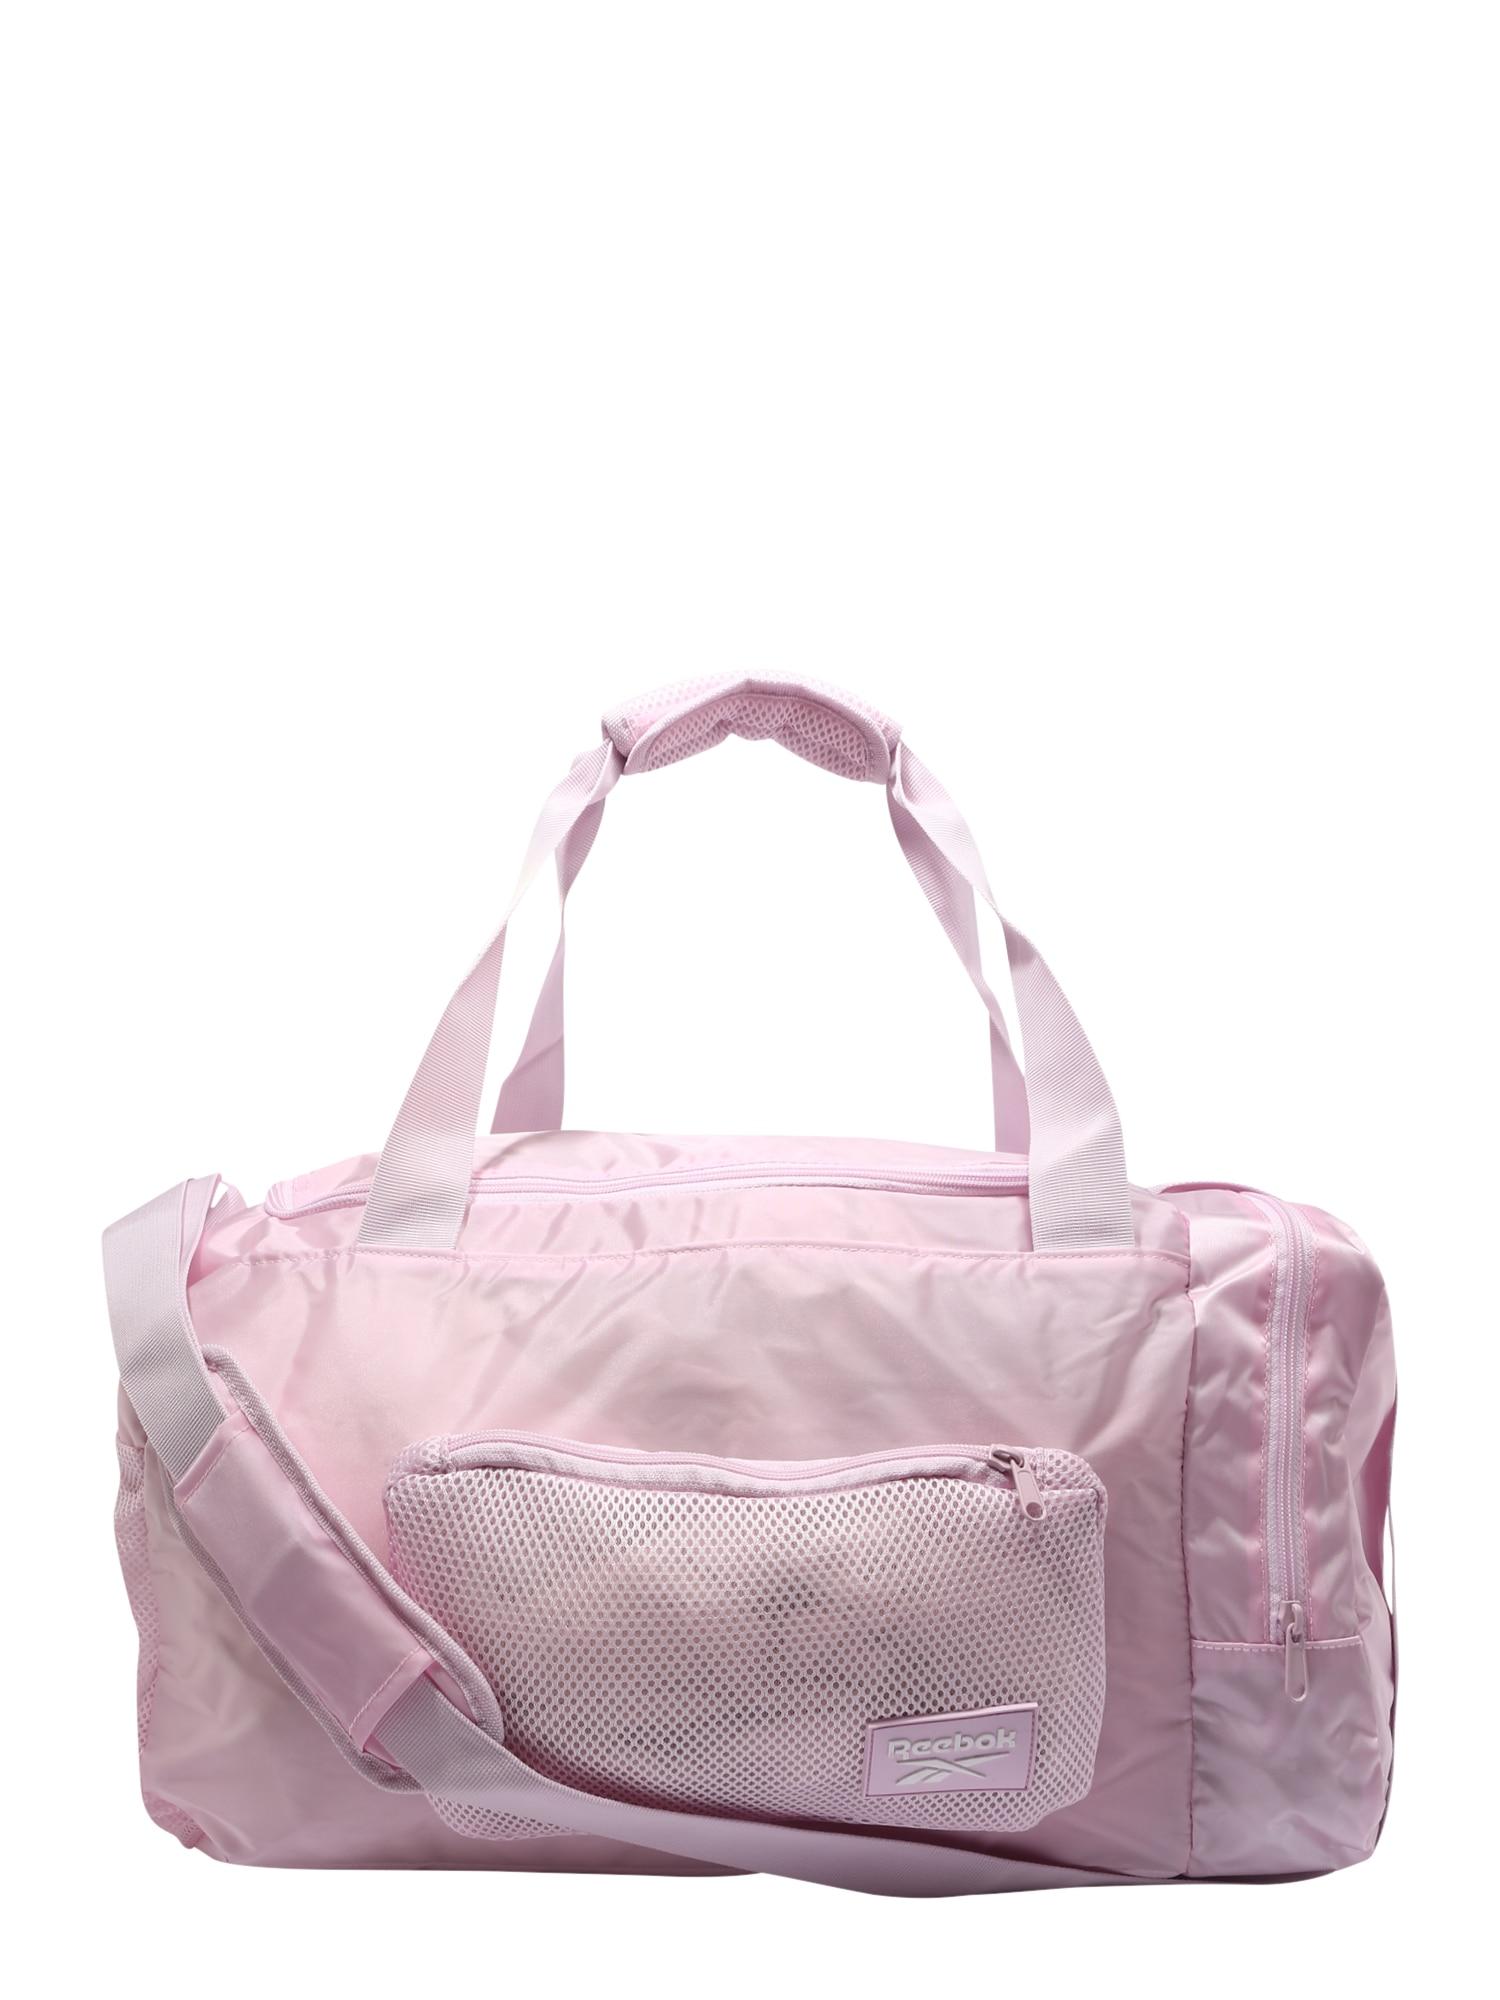 REEBOK Sportinis krepšys 'W TECH STYLE GRIP' rožių spalva